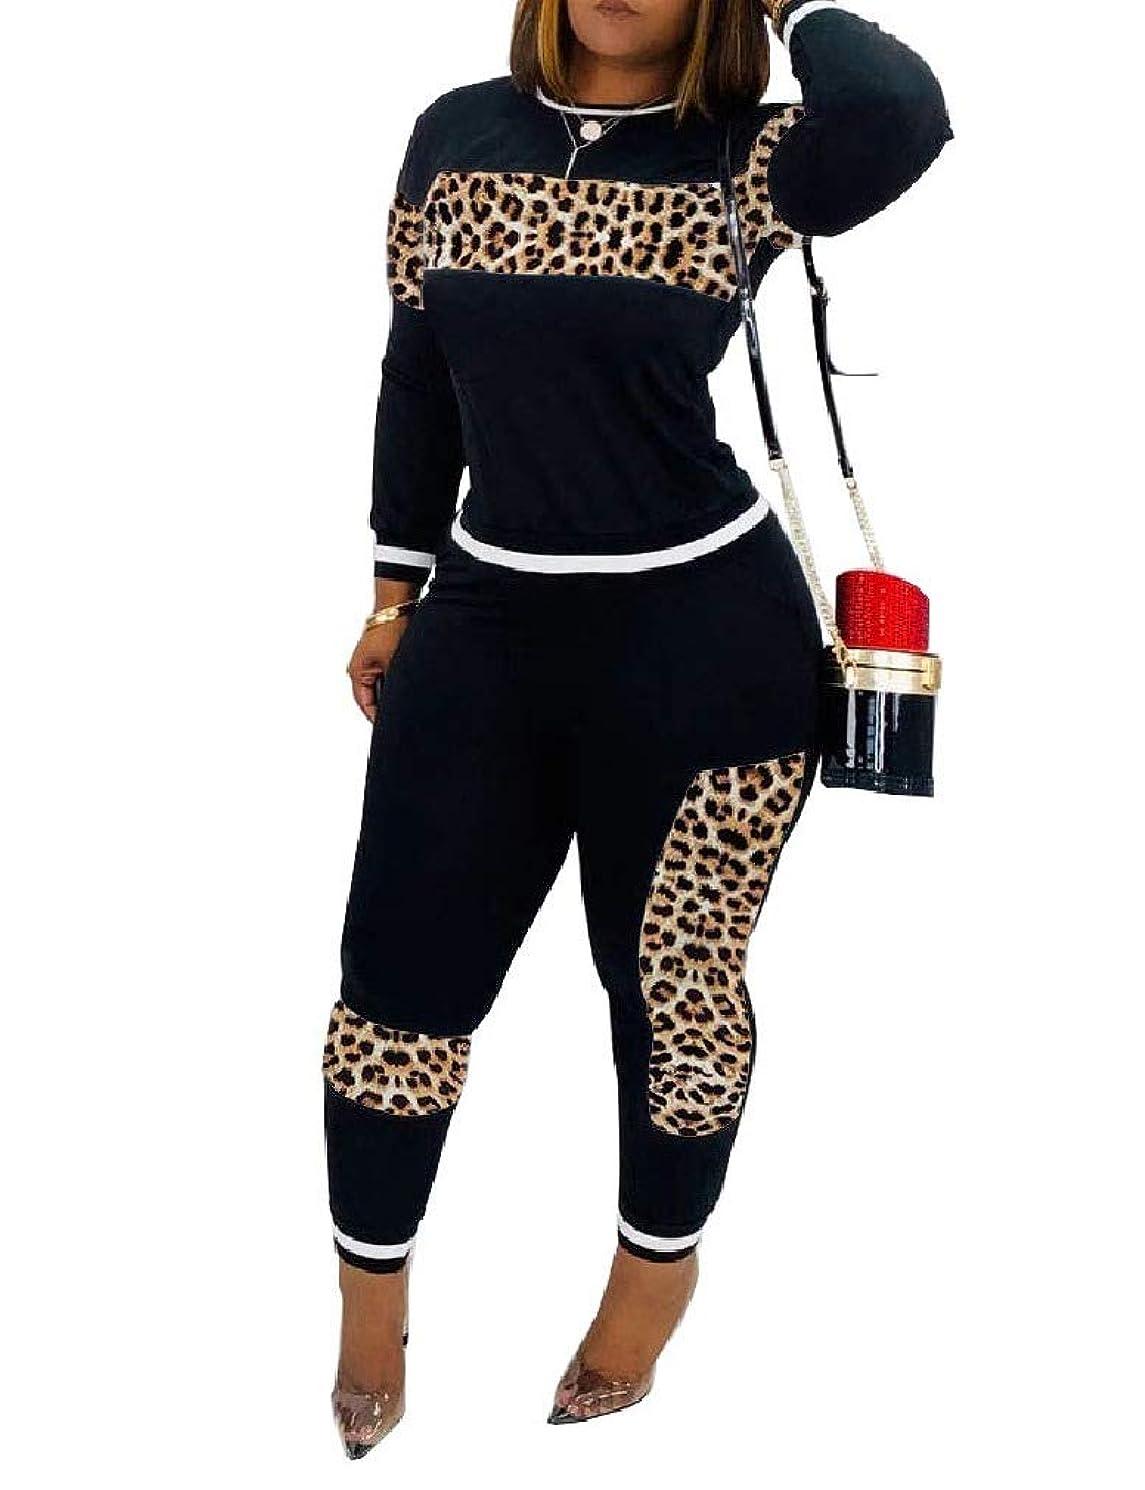 揮発性表現家畜Womens Active Long-Sleeve Top and Skinny Pants 2 Piece Set